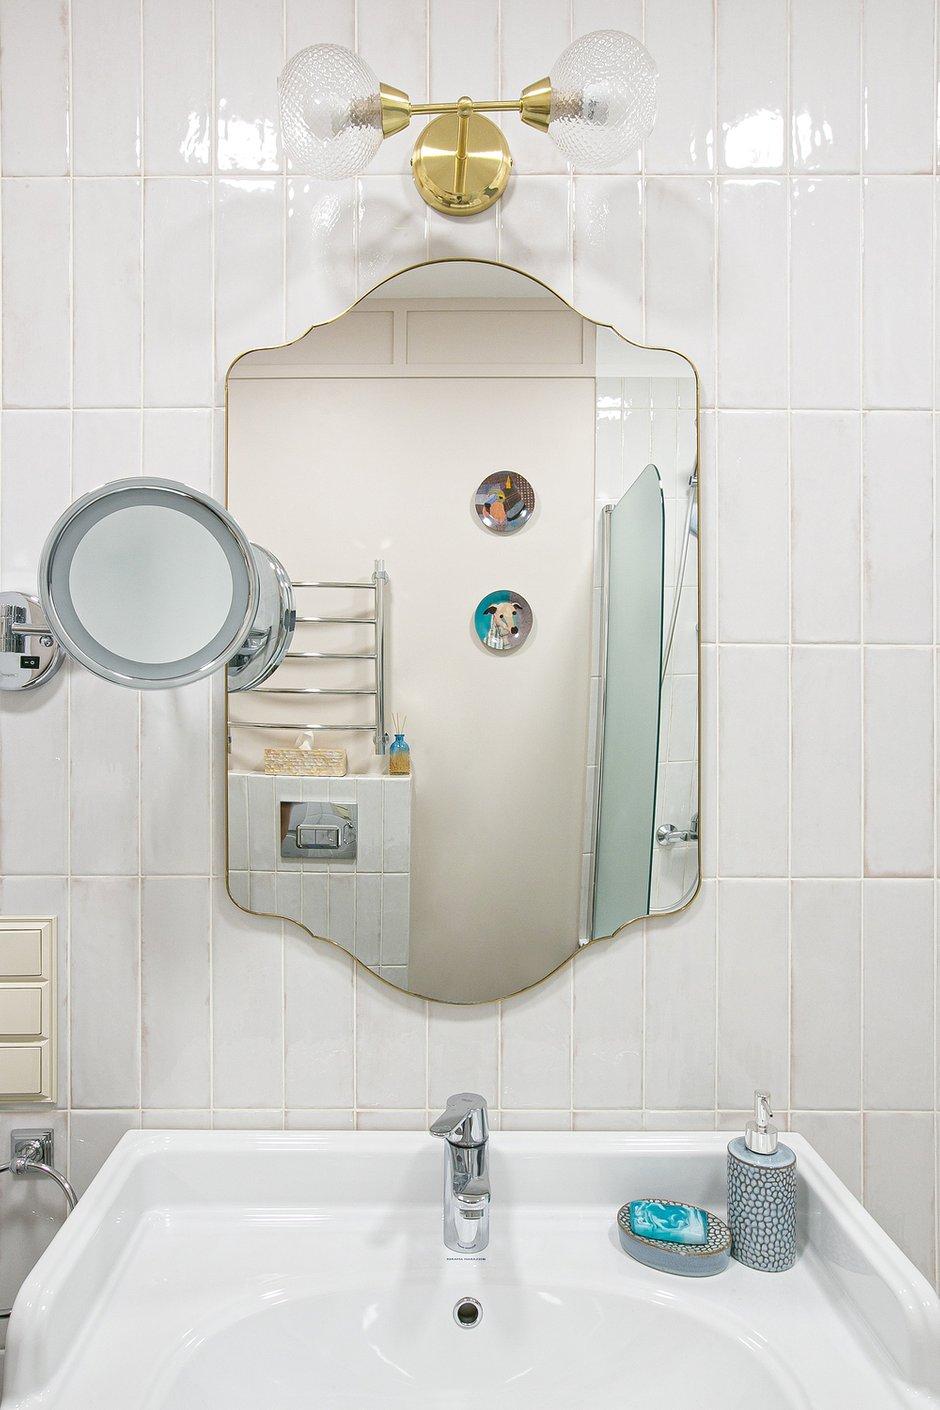 Фотография: Ванная в стиле Эклектика, Квартира, Проект недели, Санкт-Петербург, 3 комнаты, 60-90 метров, Ольга Захарова – фото на INMYROOM